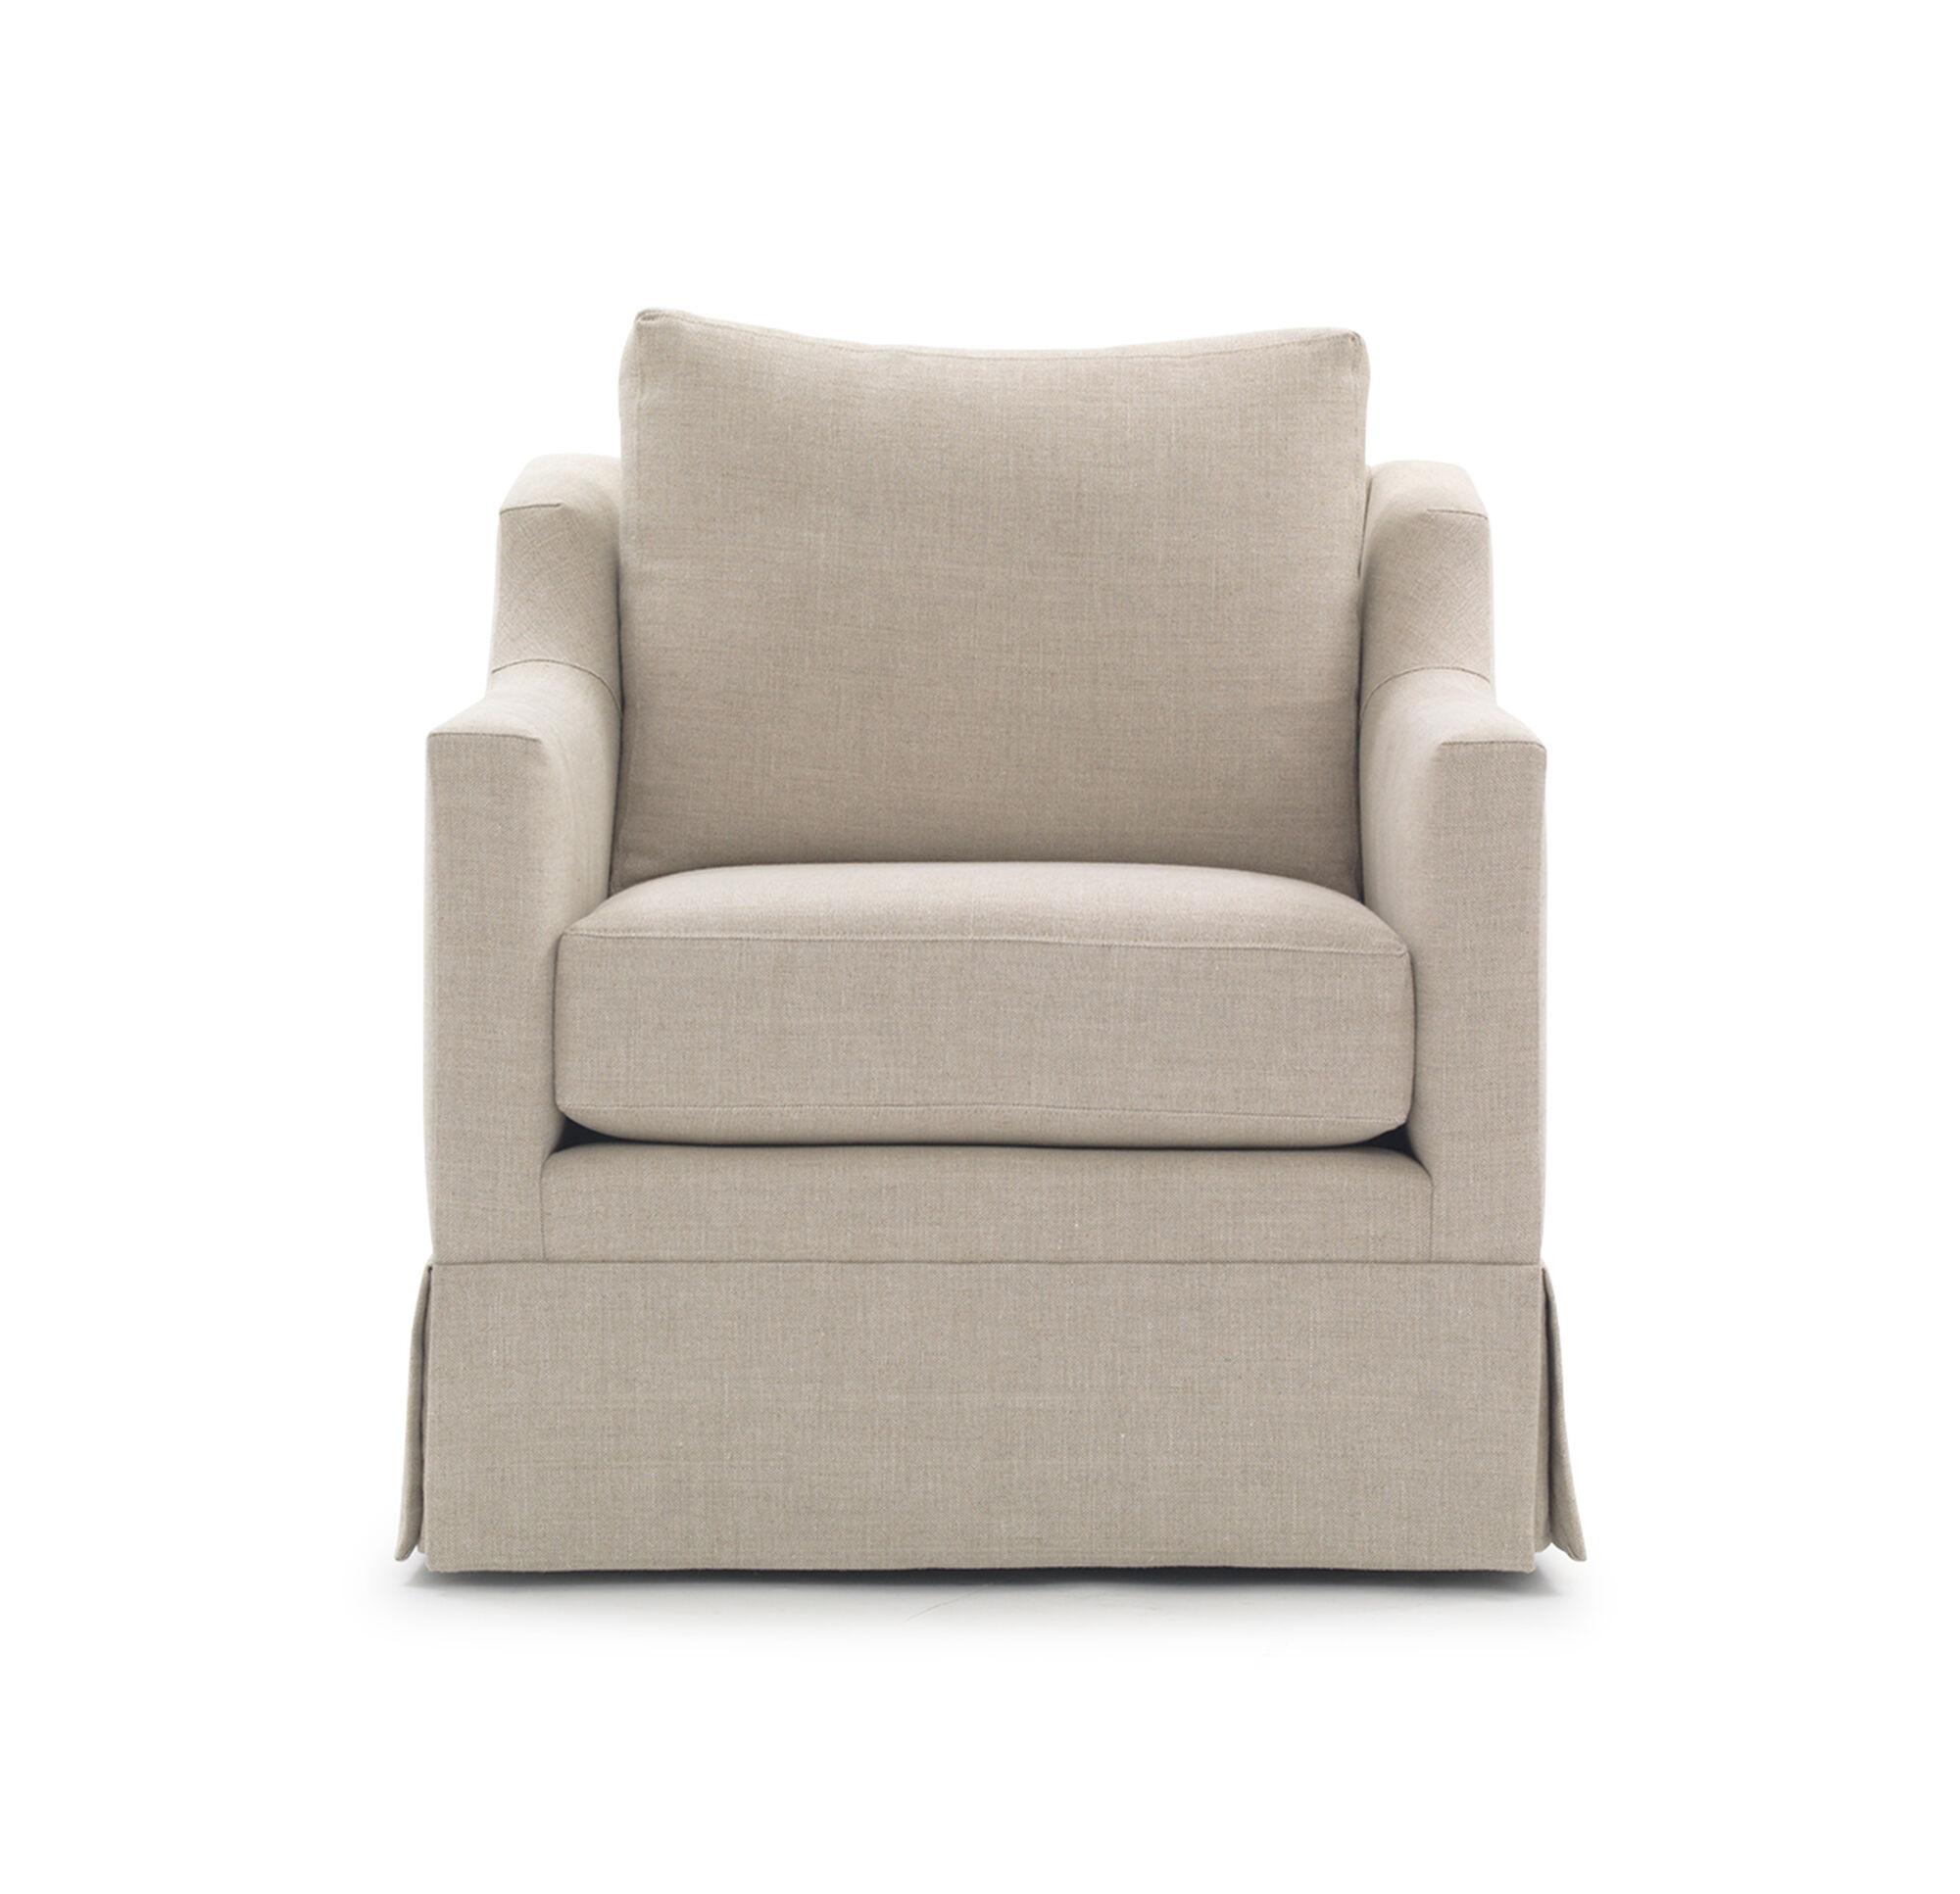 Gigi Skirted Full Swivel Chair